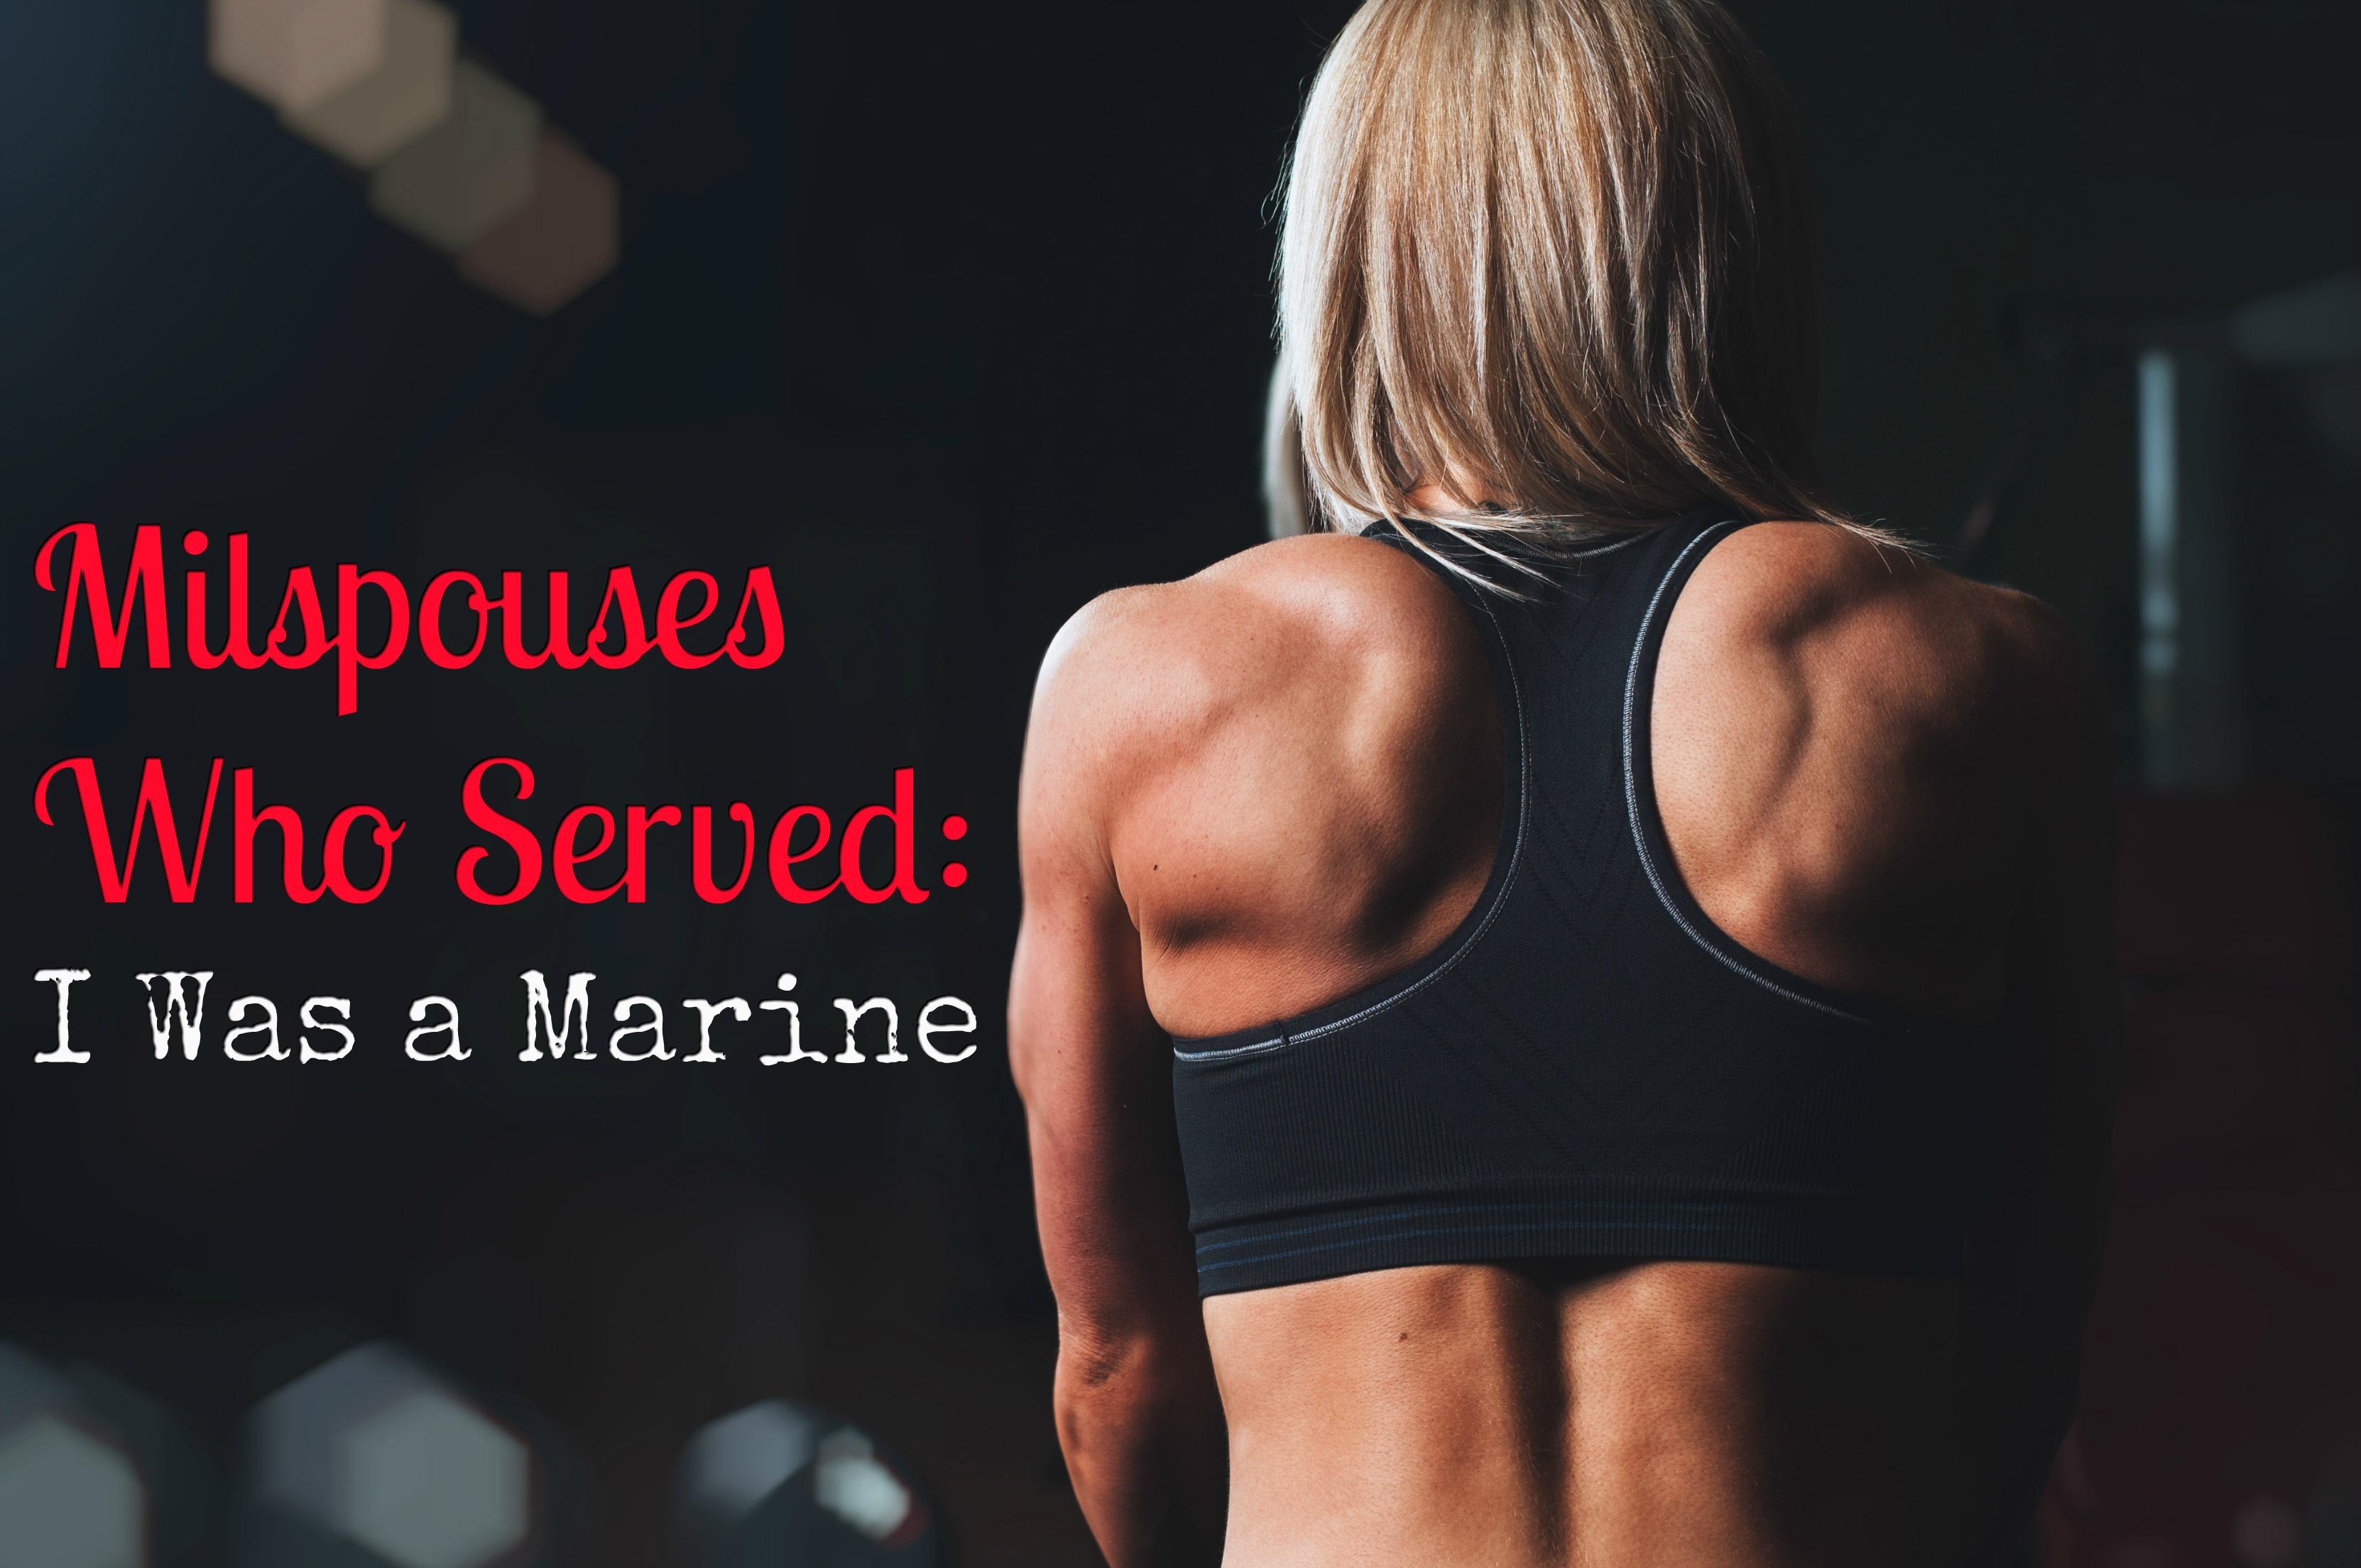 Milspouses Who Served: I Was a Marine